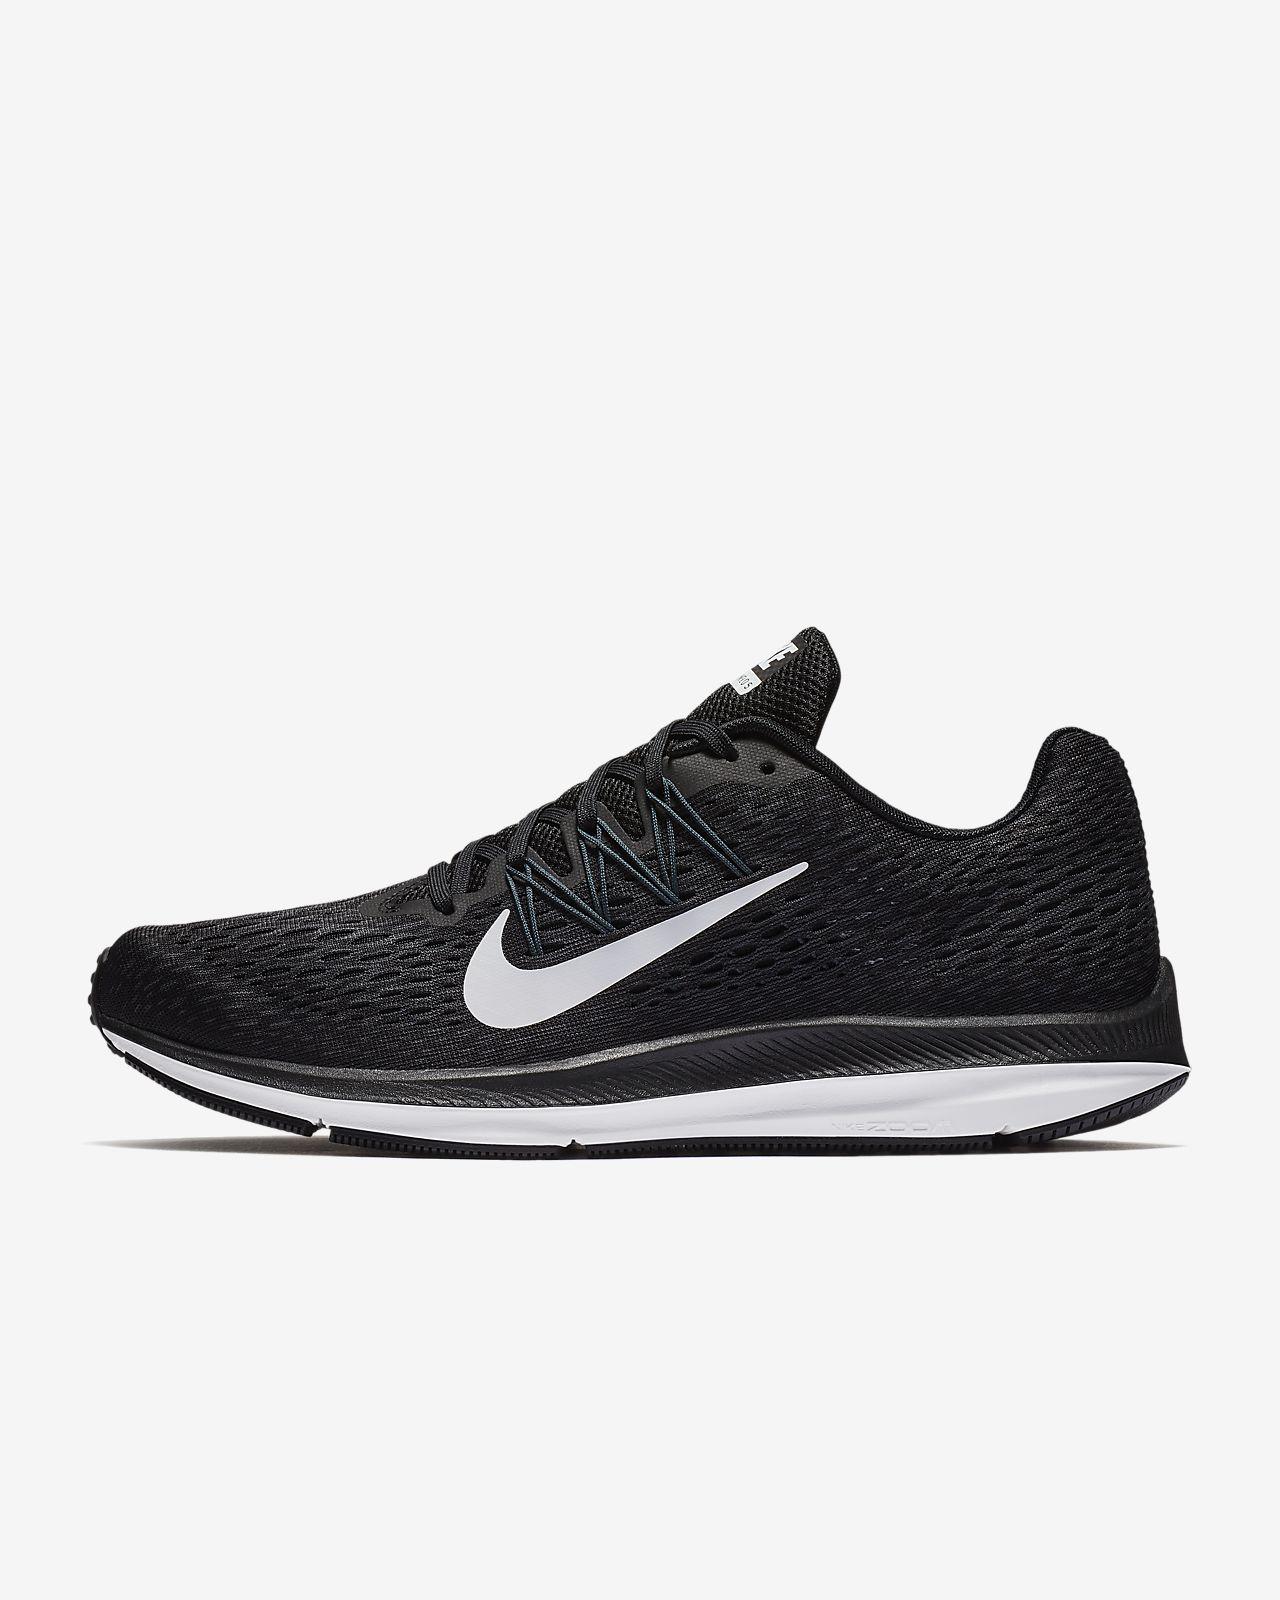 086ad2c639e86 Nike Air Zoom Winflo 5 Men s Running Shoe. Nike.com HU